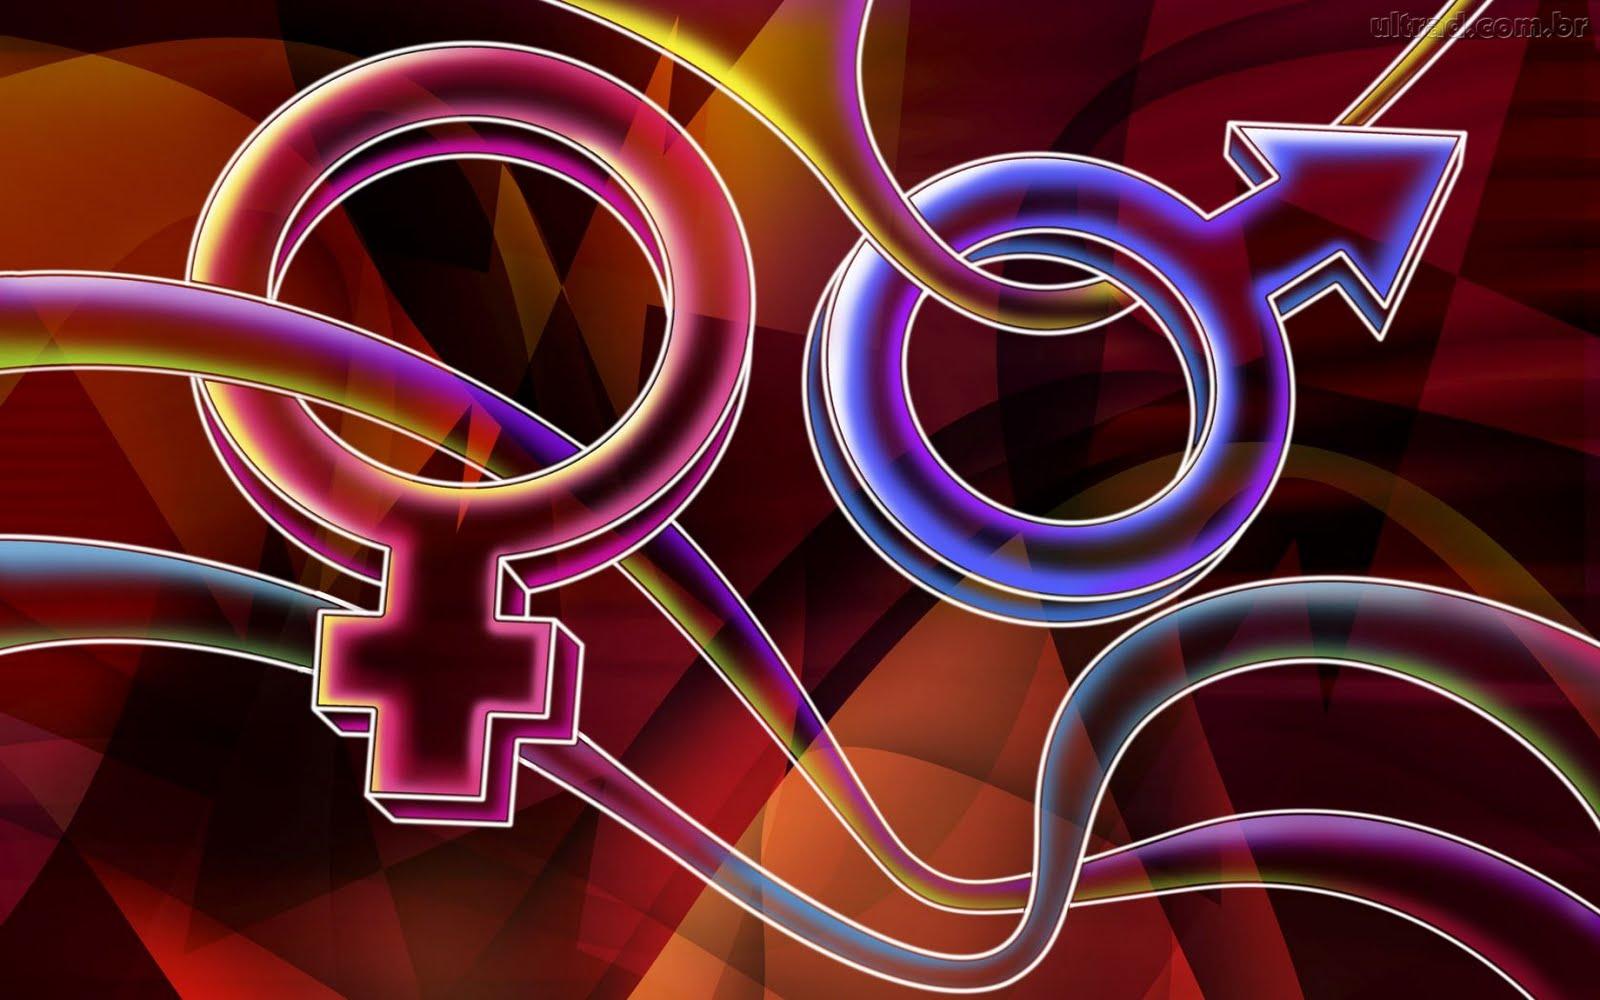 Sinal verde para cirurgia de troca de sexo para mulheres  Blog Falando Franc -> Simbolo Banheiro Feminino E Masculino